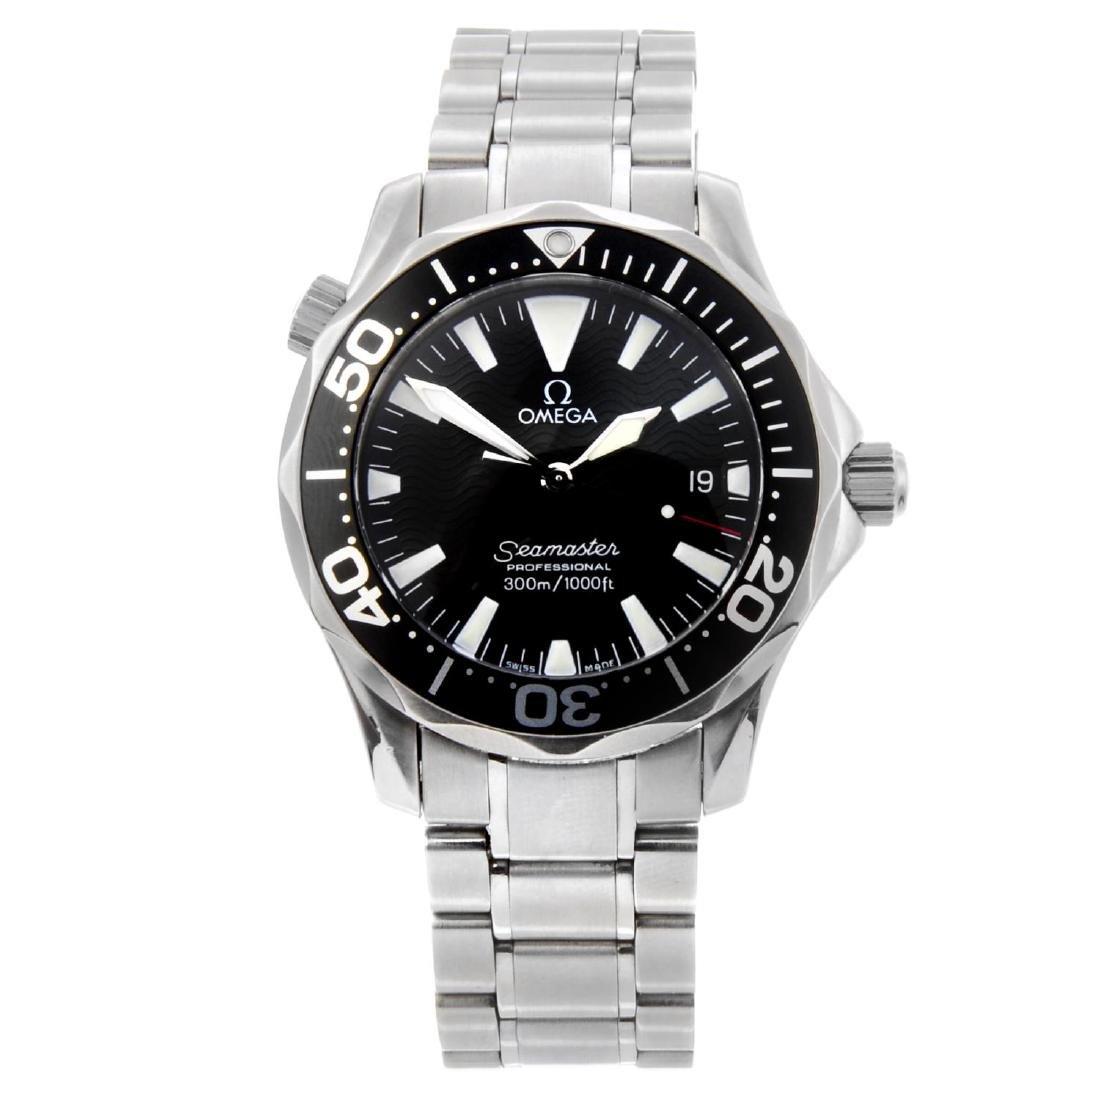 OMEGA - mid-size Seamaster Professional 300M bracelet